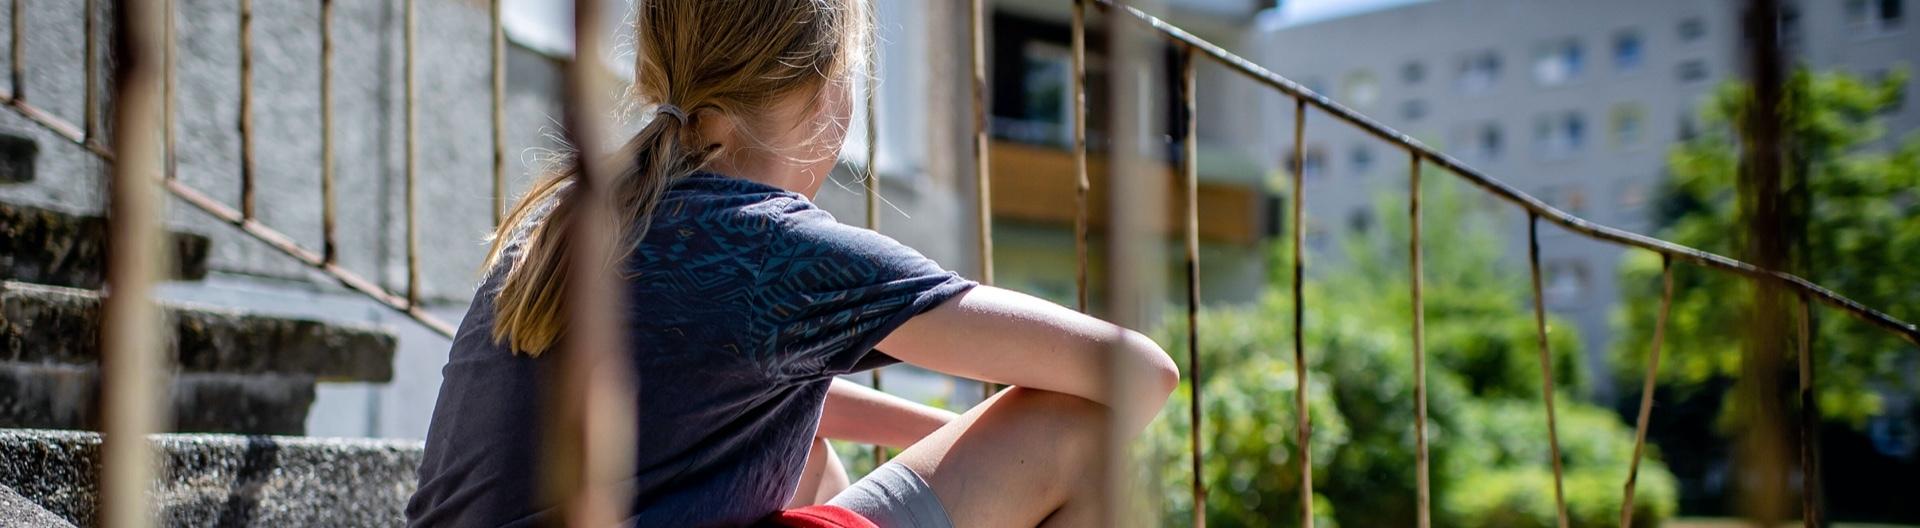 Ein Mädchen sitzt auf Treppenstufen in einer Siedlung in Leipzig